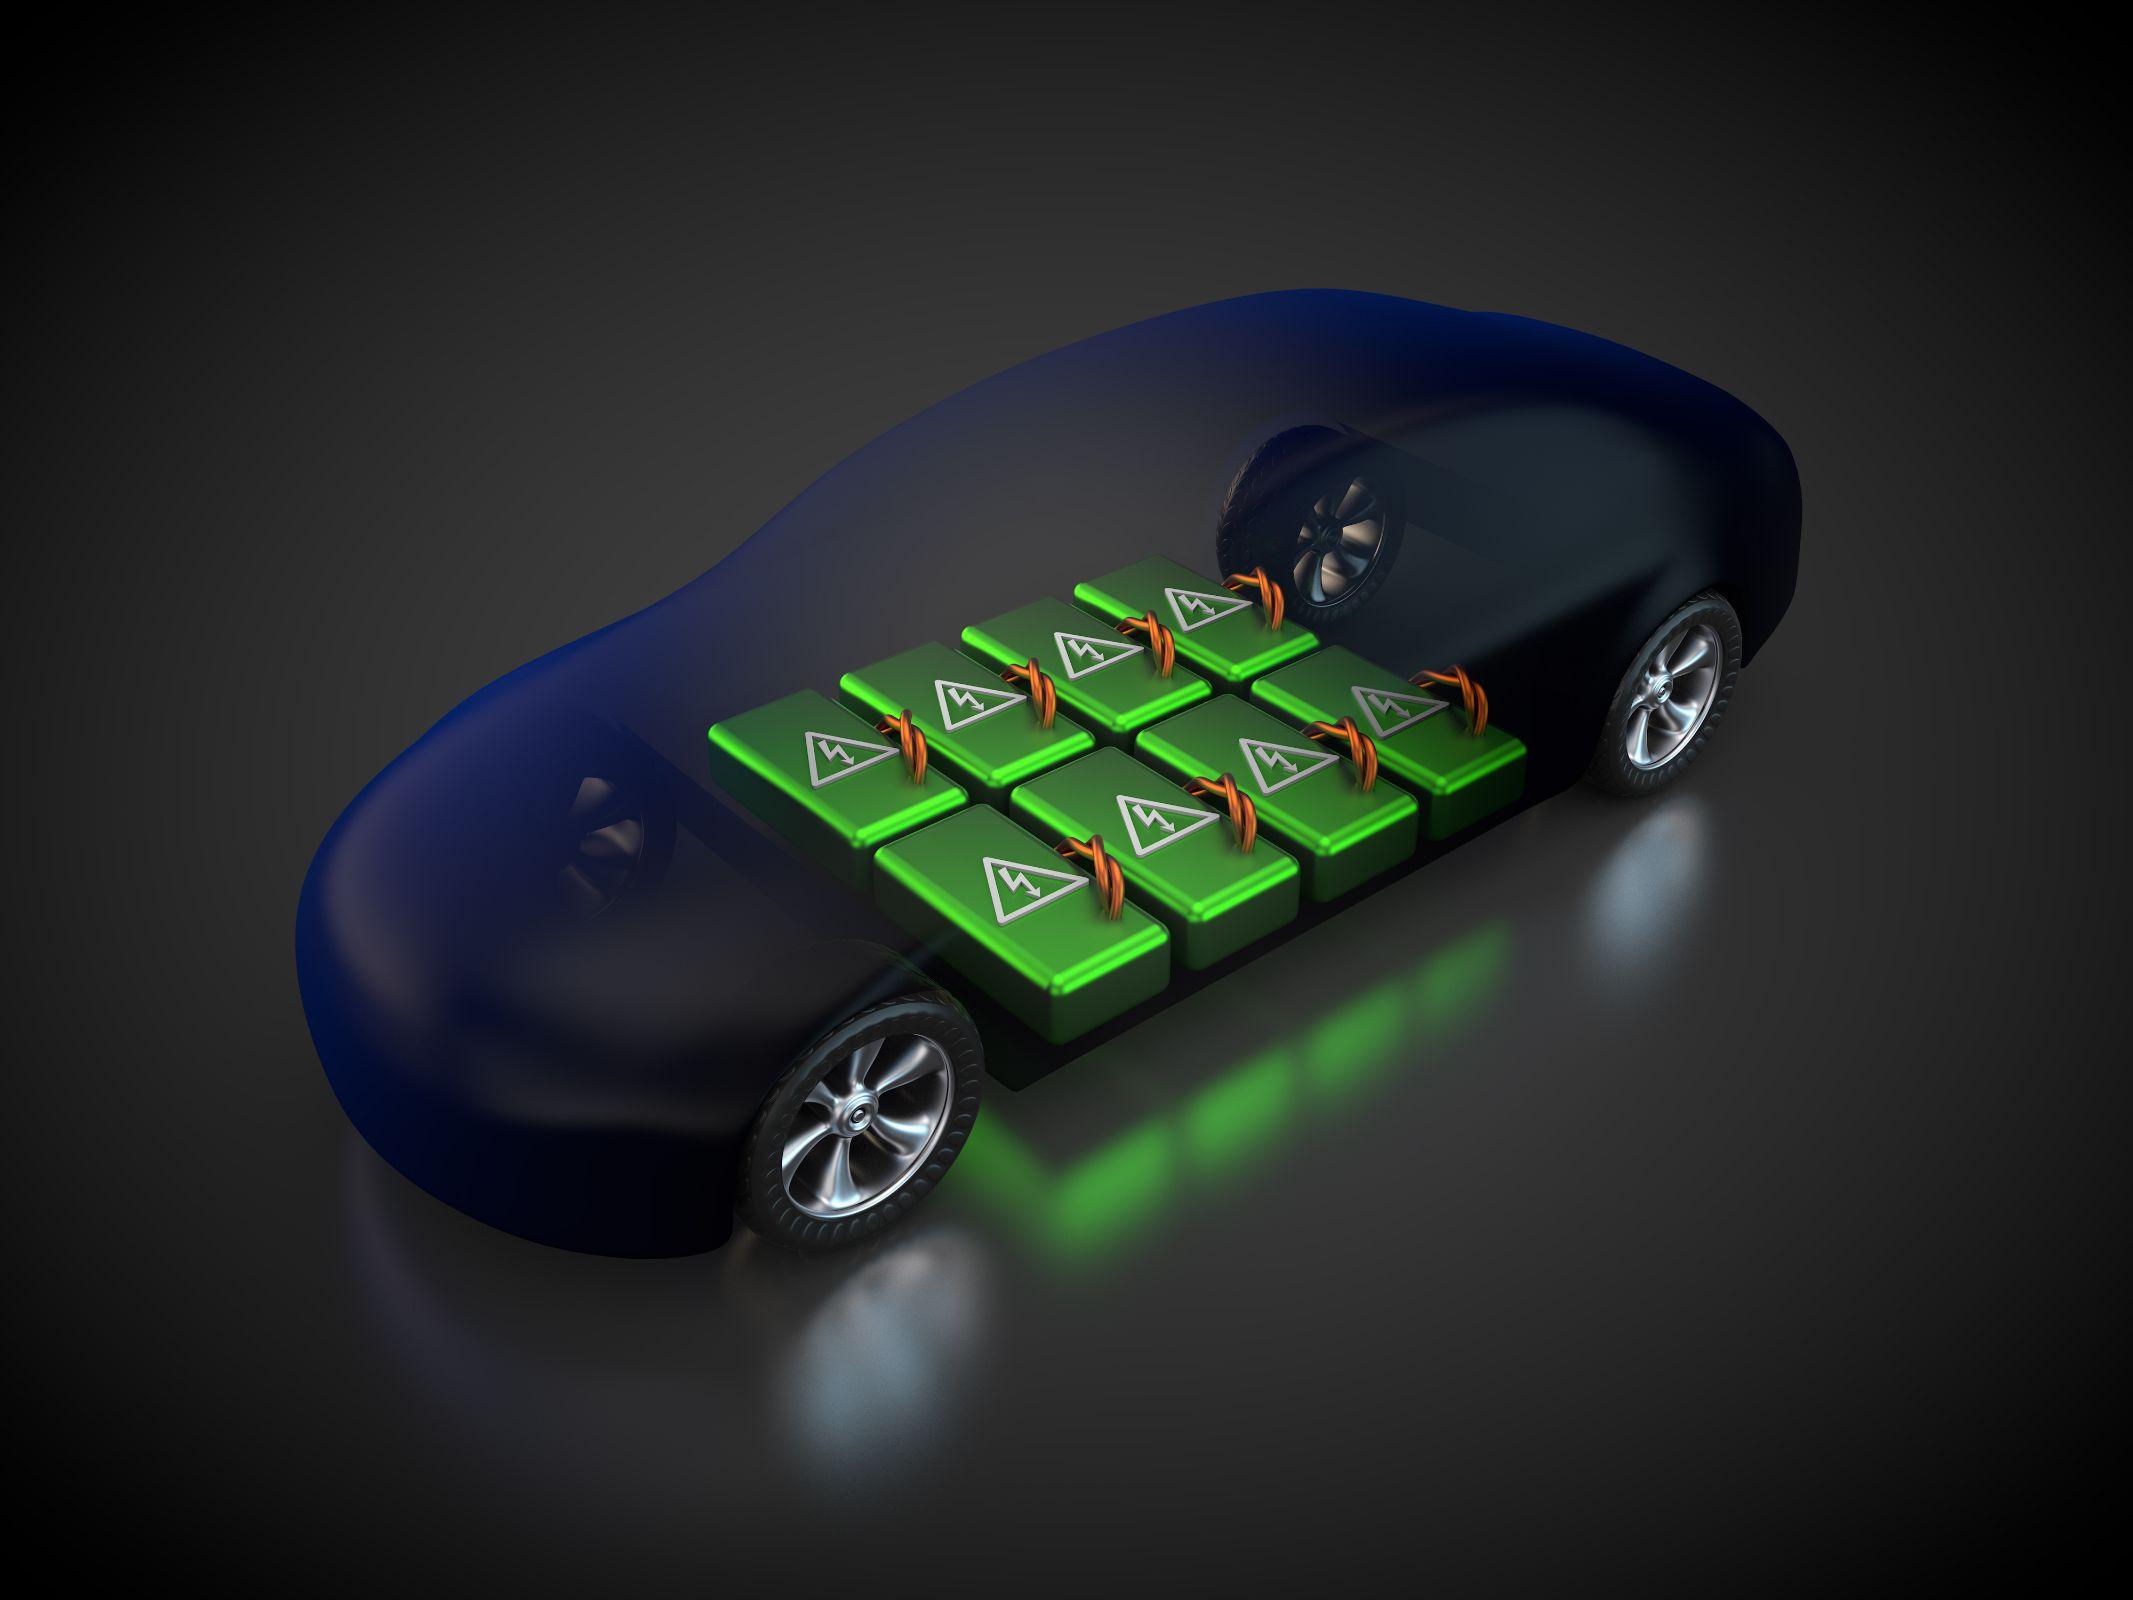 bateria é uma das limitações dos carros elétricos